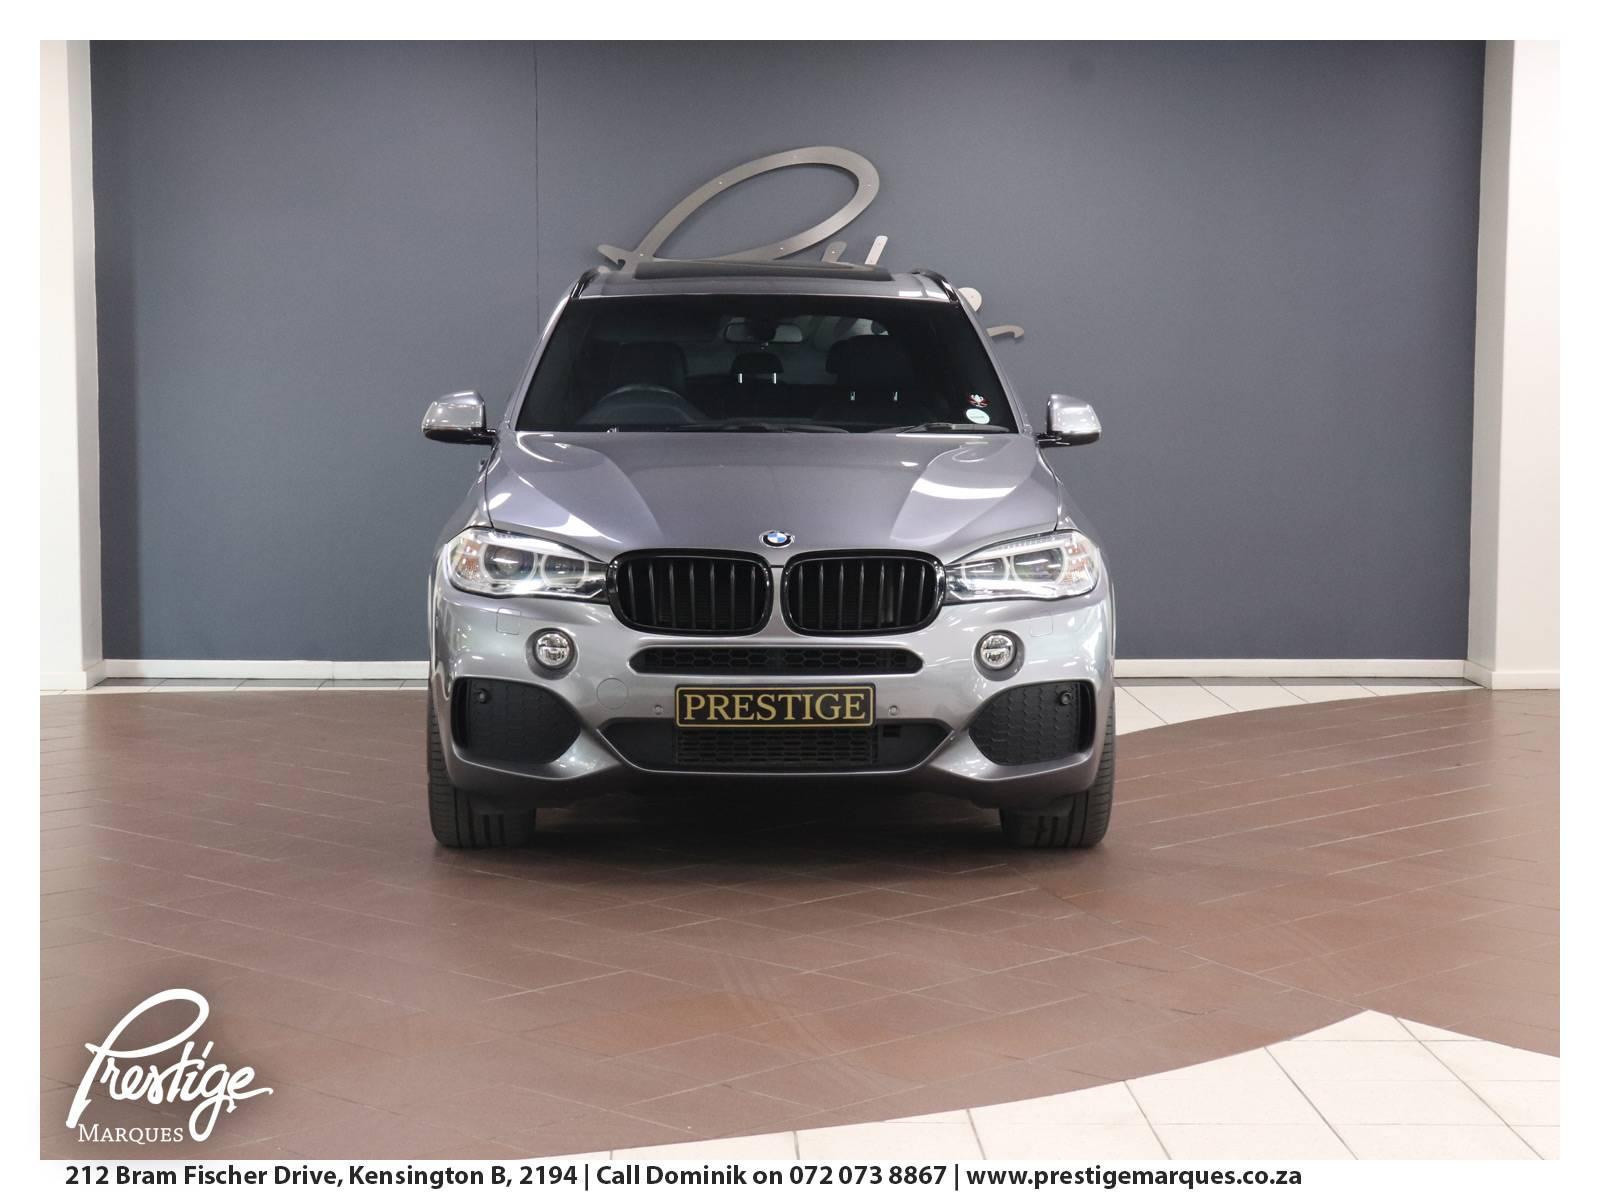 2015-BMW-X5-30d-M-Sport-X-drive-Prestige-Marques-7